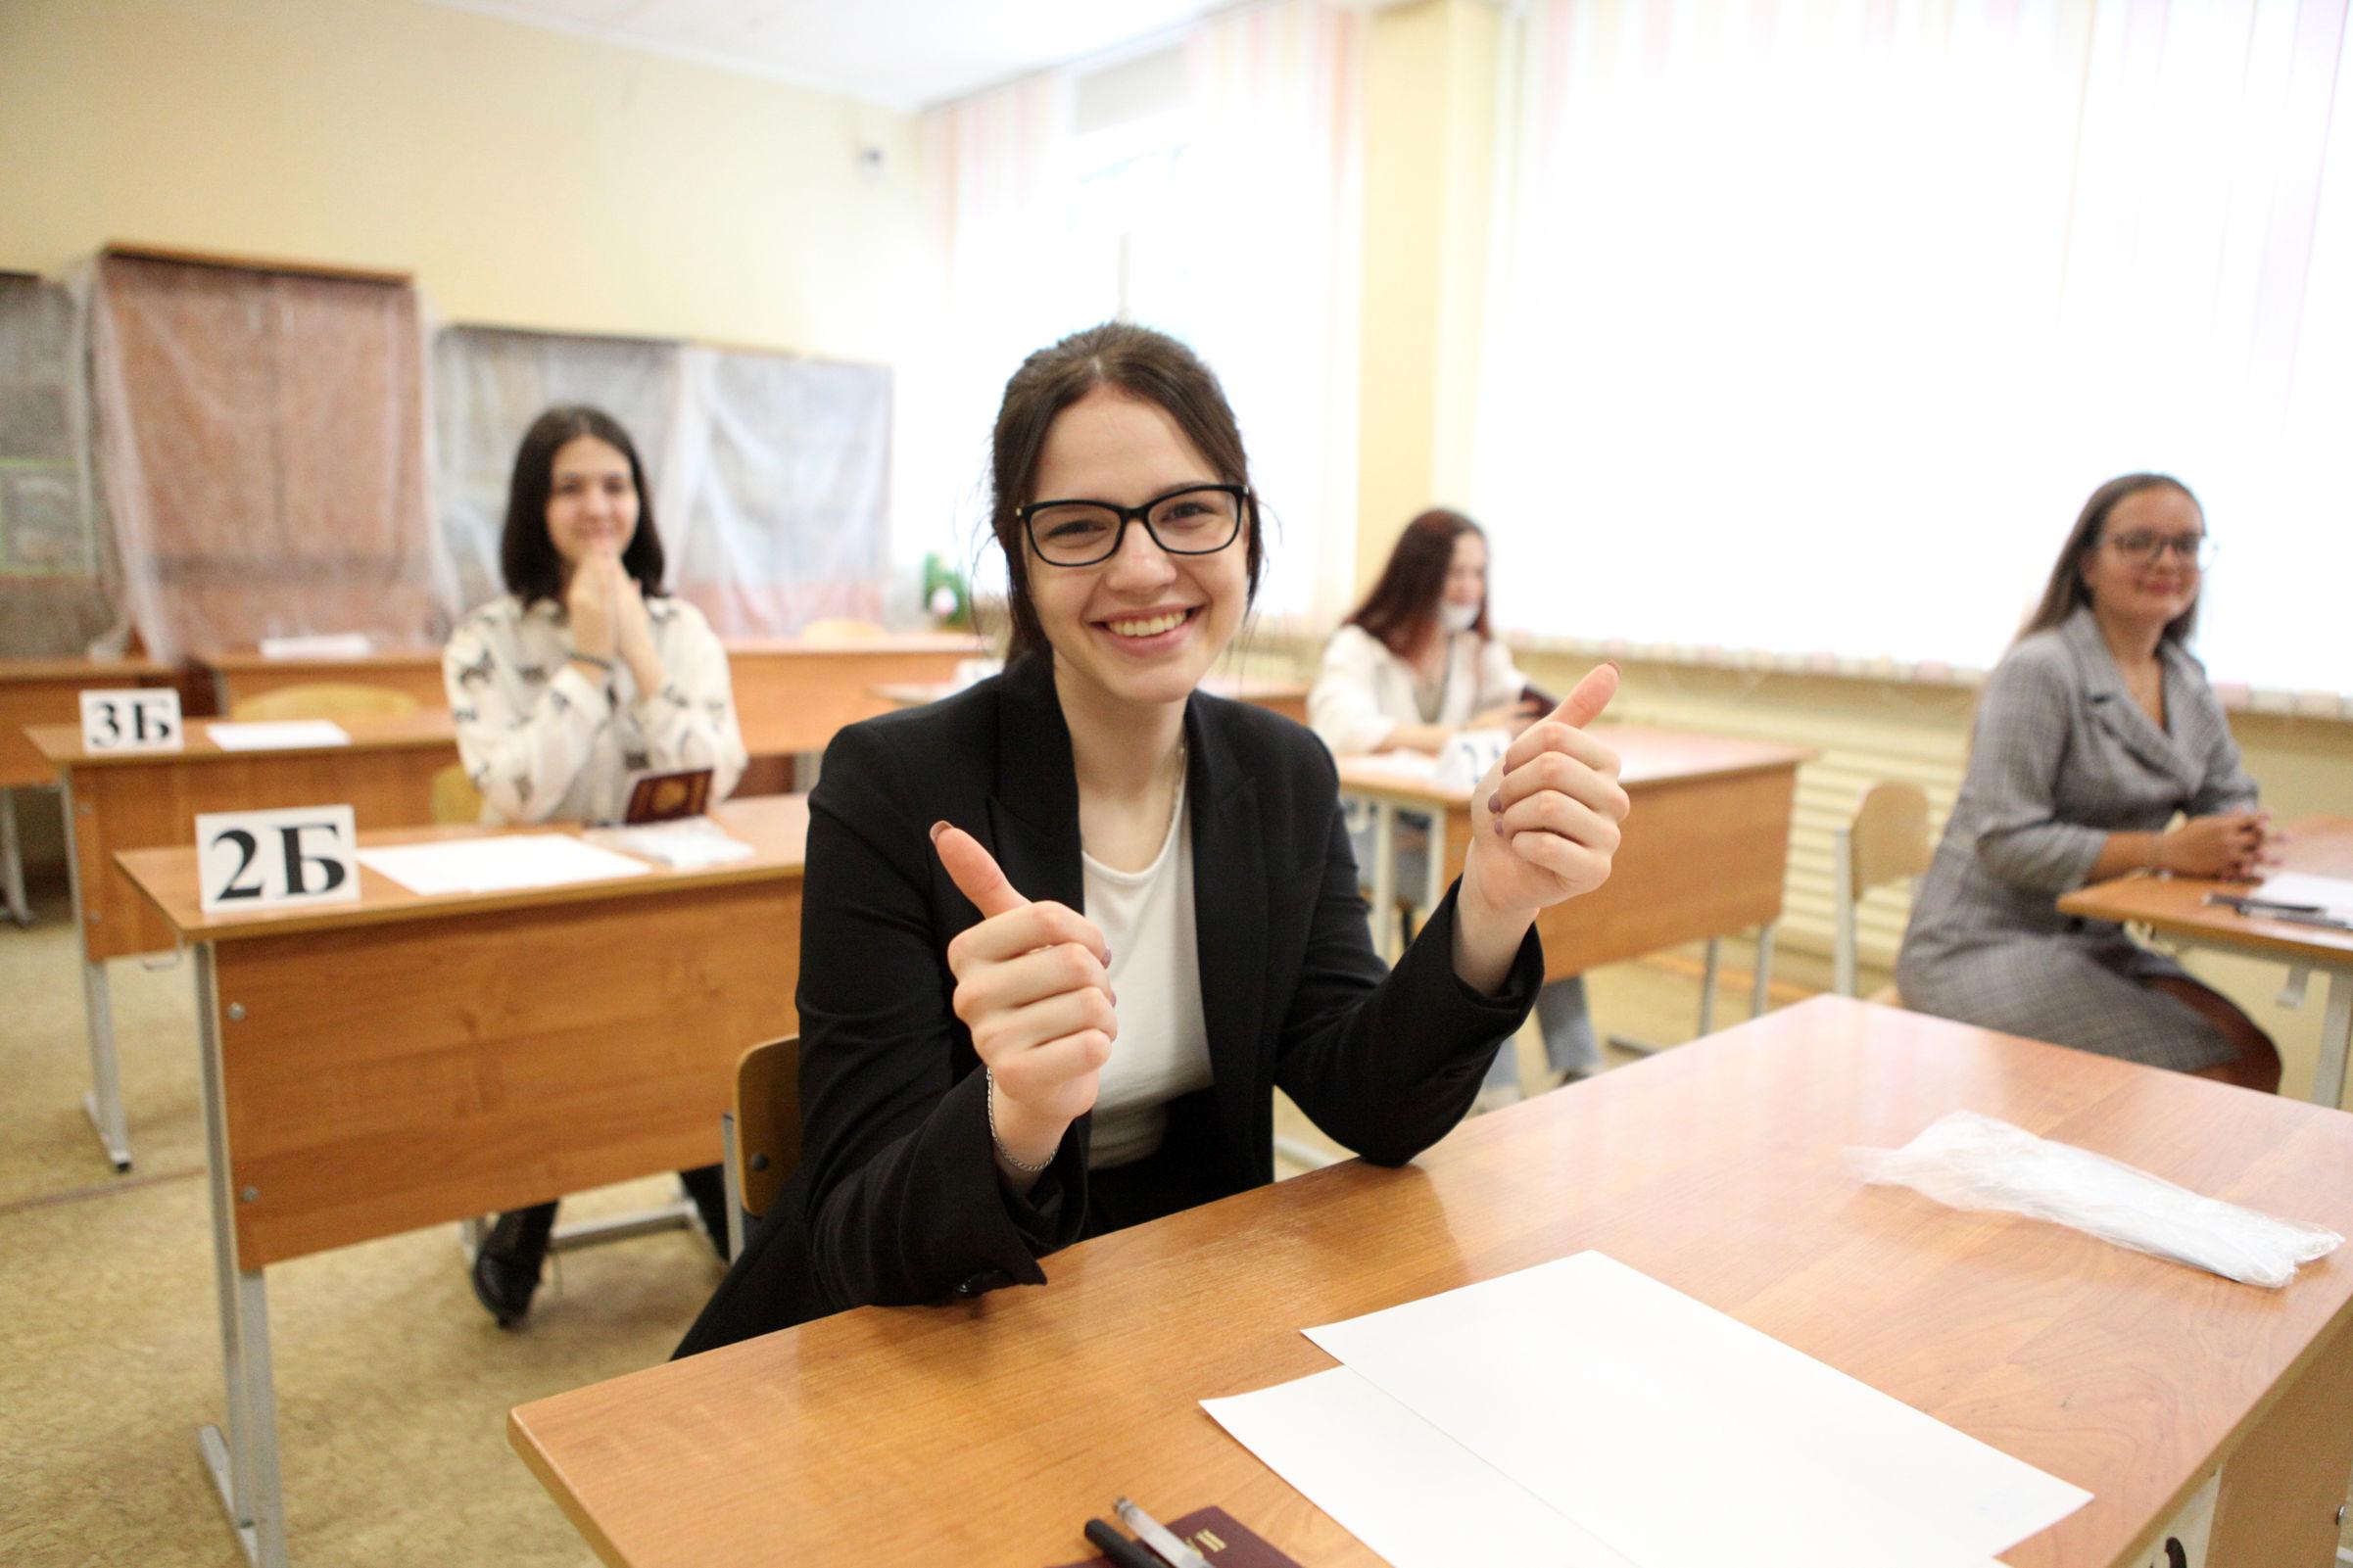 Ярославские школьники получили помощь в выборе профессии в рамках проекта «Билет в будущее»